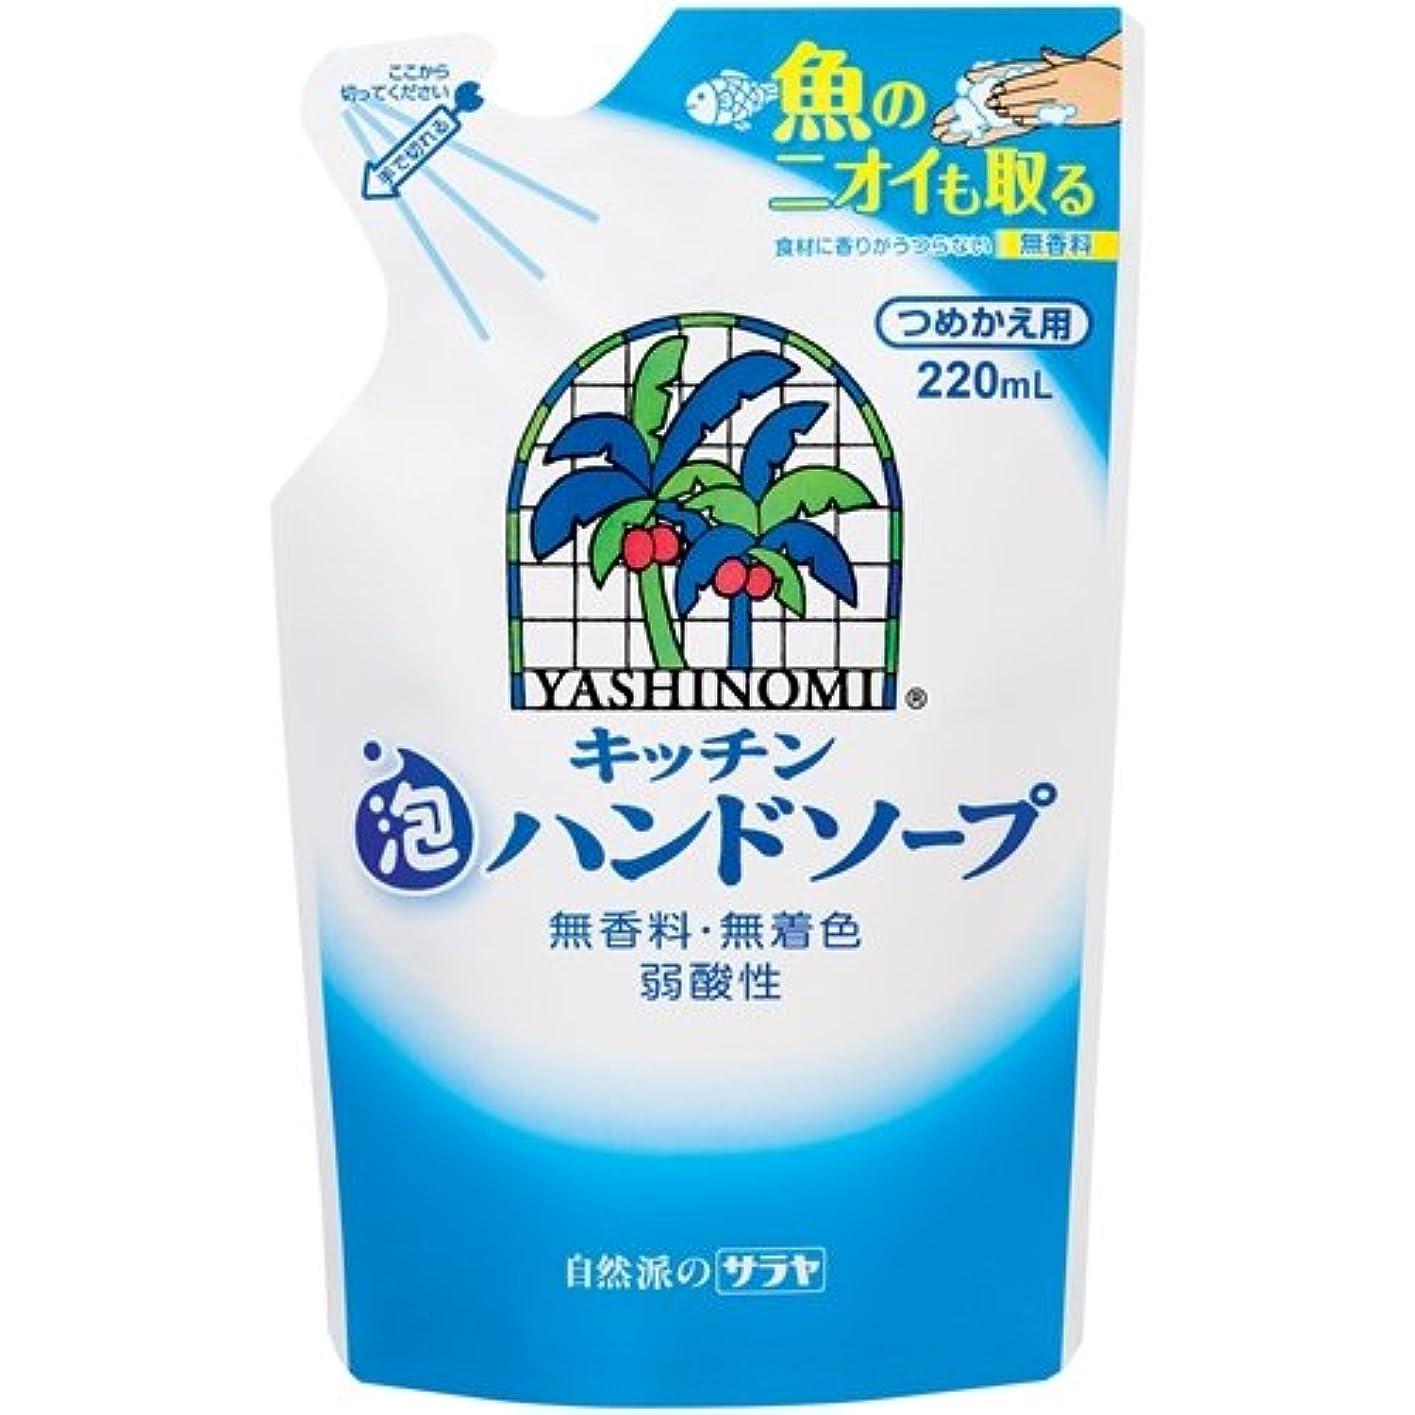 メンテナンスつぼみ扱いやすいサラヤ ヤシノミ キッチン泡ハンドソープ つめかえ用 220ml